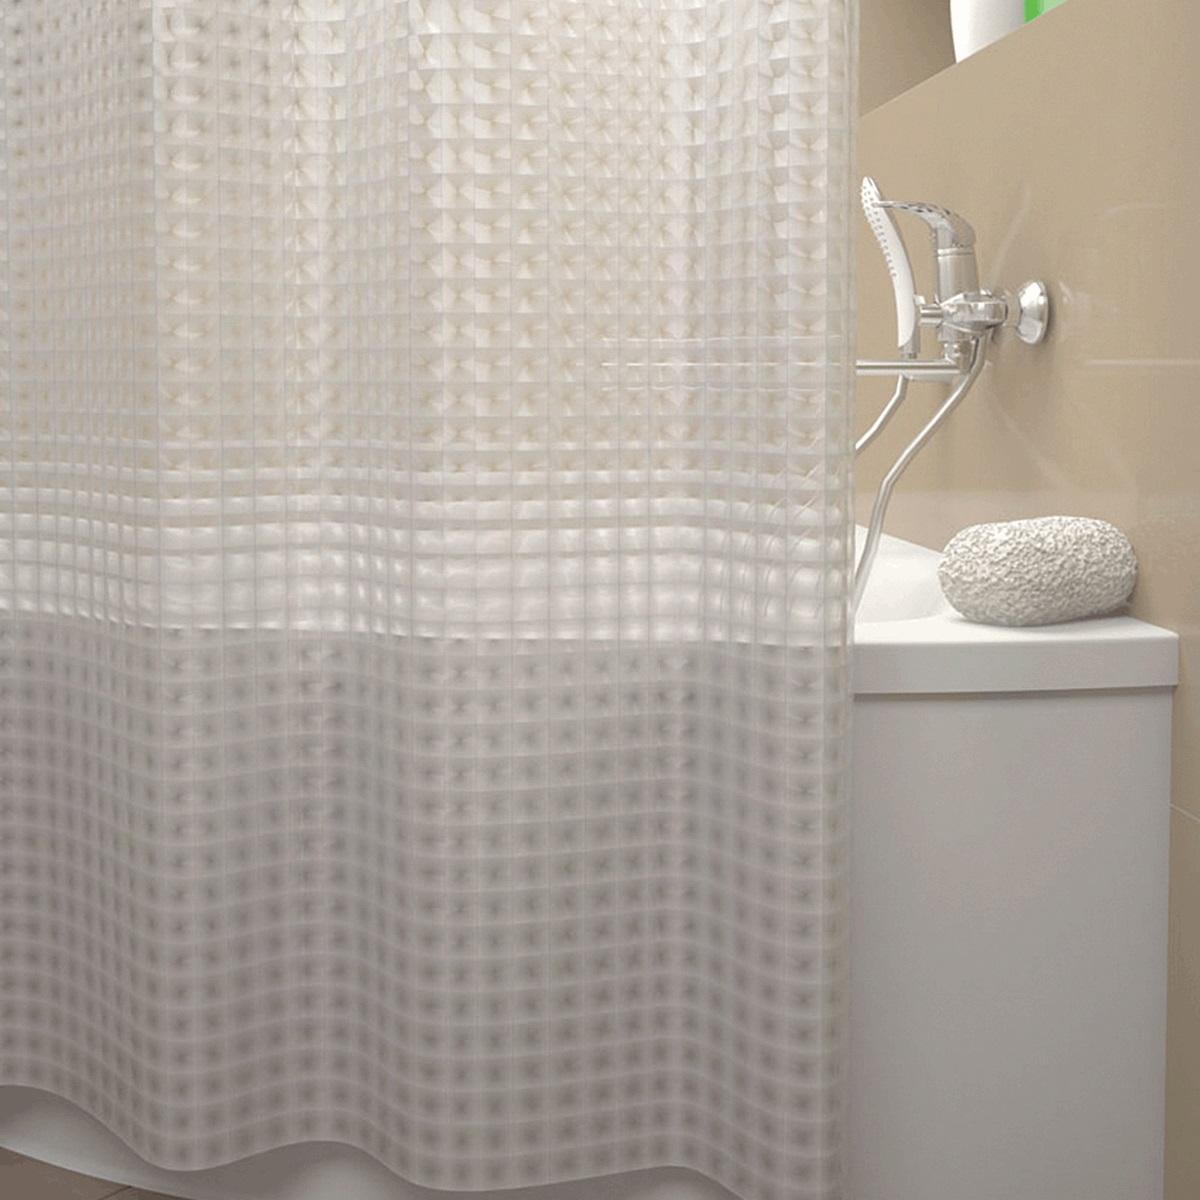 Штора для ванной Iddis Stereo Square, цвет: прозрачный, 180 x 200 см500E18Si11Штора для ванной комнаты Iddis выполнена из быстросохнущего материала - 100% EVA, что обеспечивает прочность изделия и легкость ухода за ним.Материал шторы пропитан специальным водоотталкивающим составом Waterprof.Изделие изготовлено из экологически-чистого материала, оно обладает высокой степенью гигиеничности, не вызывает аллергических реакций.Штора имеет магнитные утяжелители и 12 встроенных колец для крепления к карнизу.